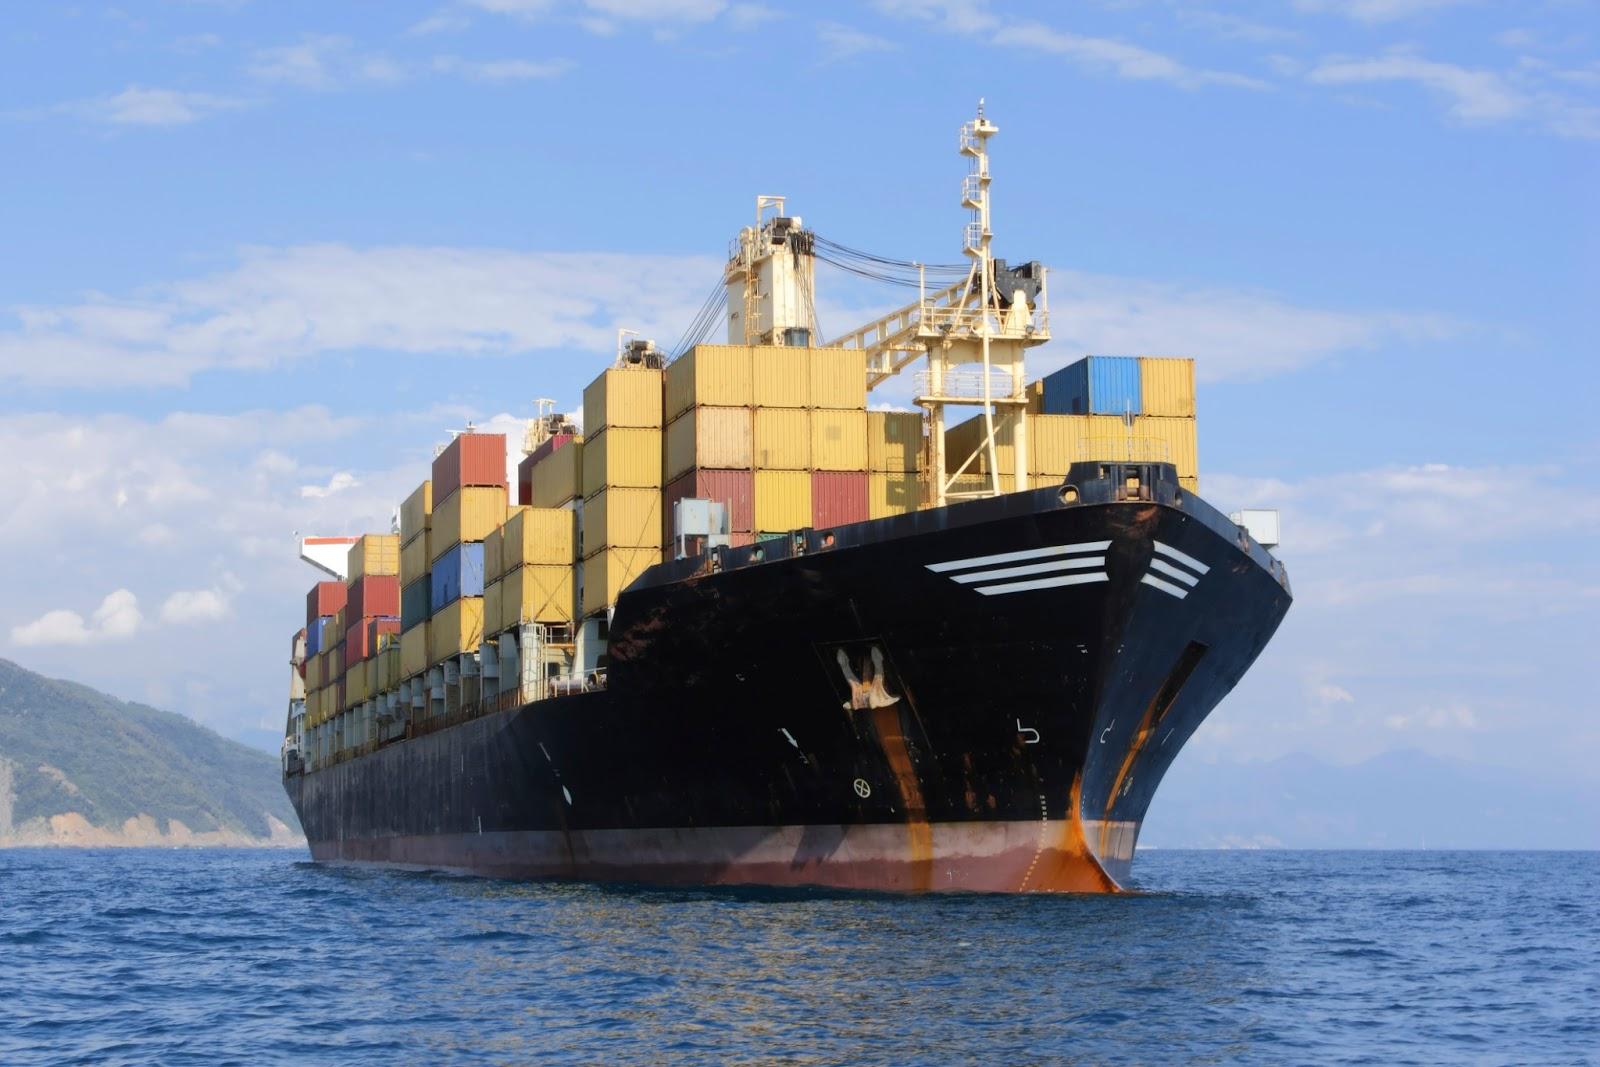 Las 5 mejores mercancías que se importan a EEUU